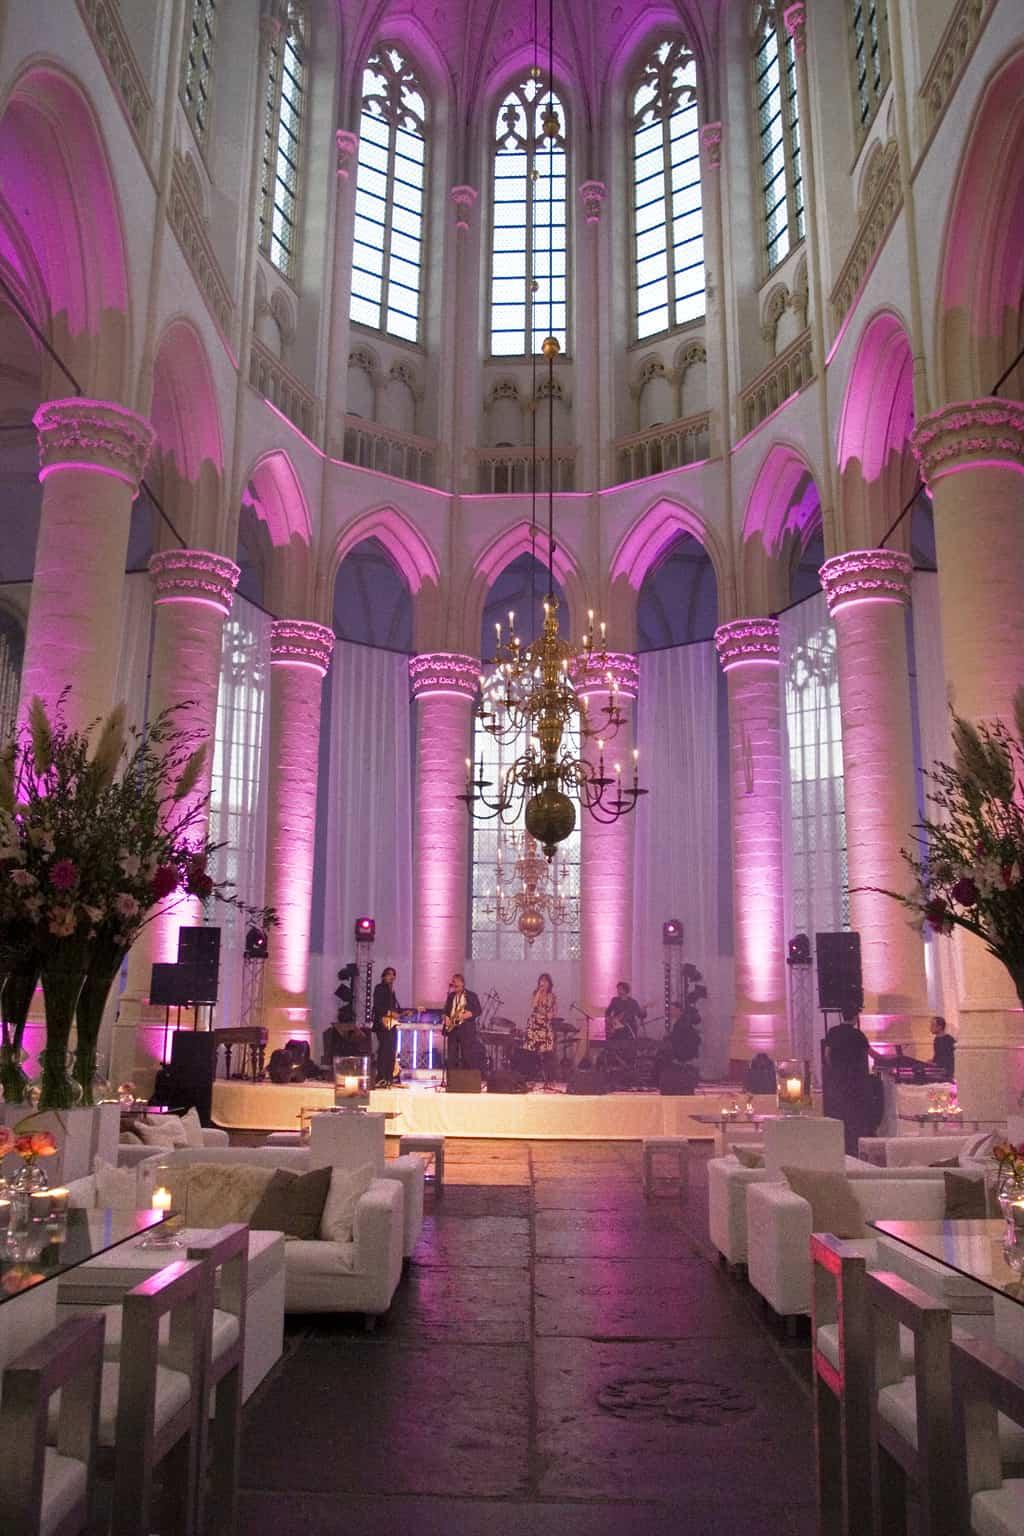 Huwelijksfeest in de Hooglandse kerk te Leiden, wedding en planning, Weddingplanner, fotocredits Sjouke Dijkstra